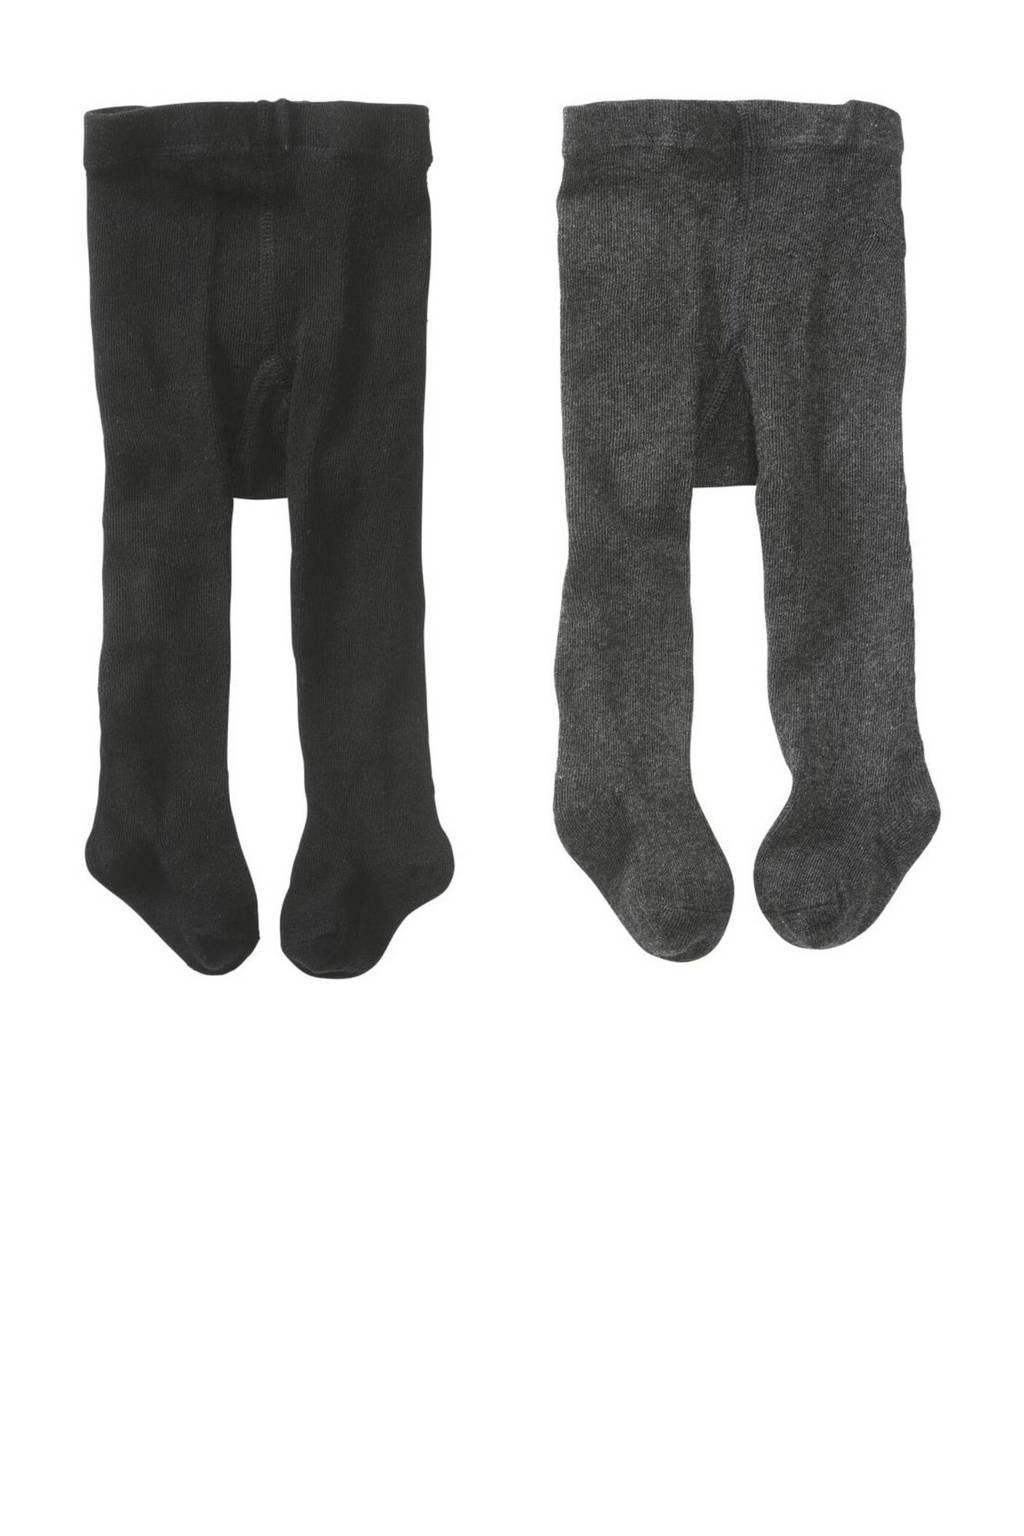 HEMA maillot - set van 2 zwart/grijs, Zwart/grijsmelange